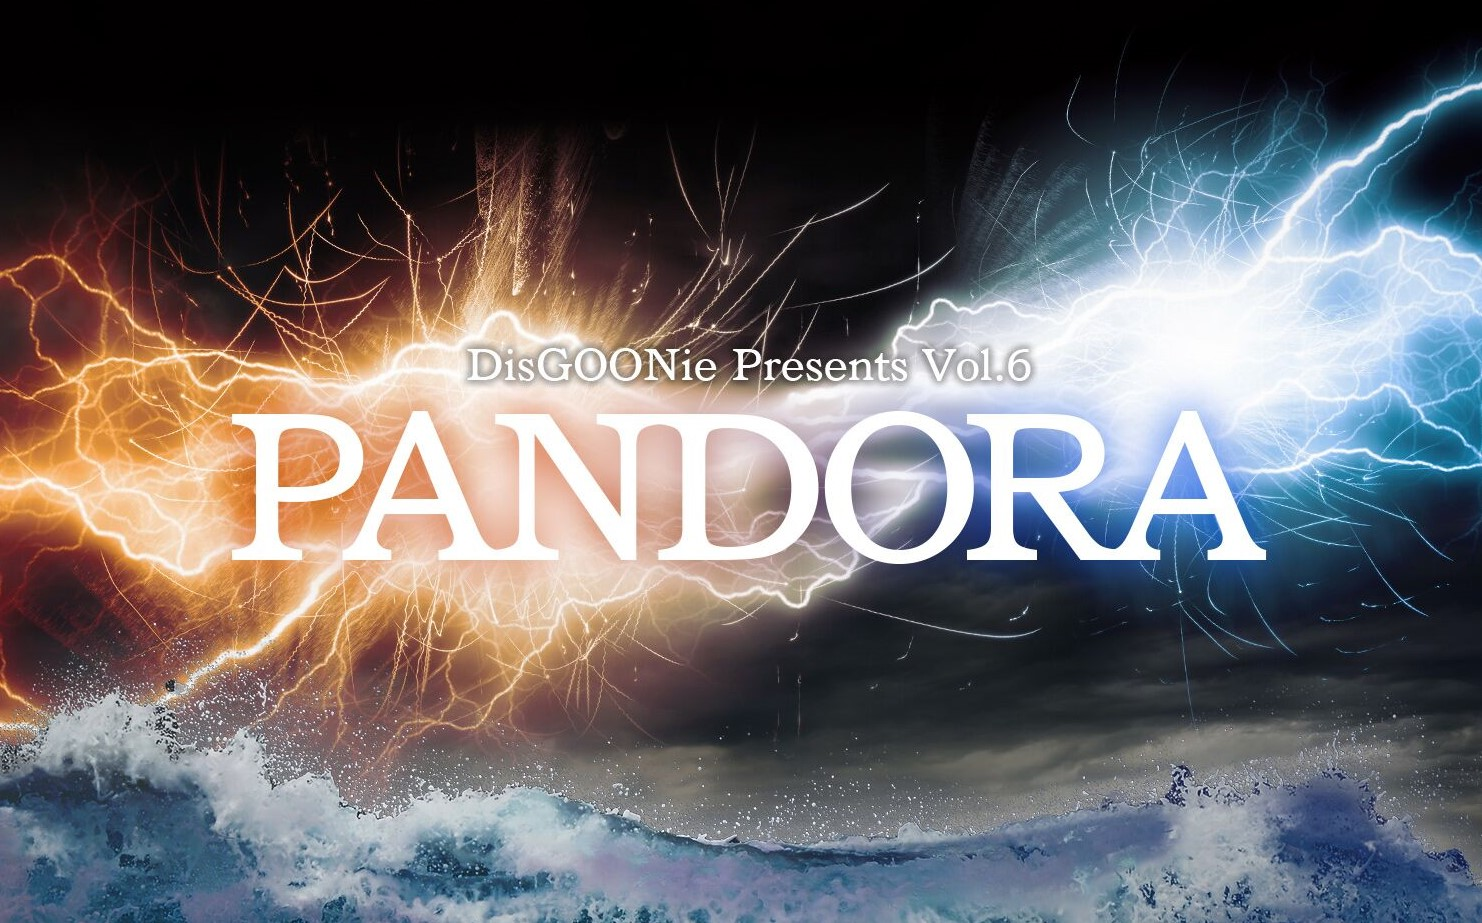 PANDORA ロゴ